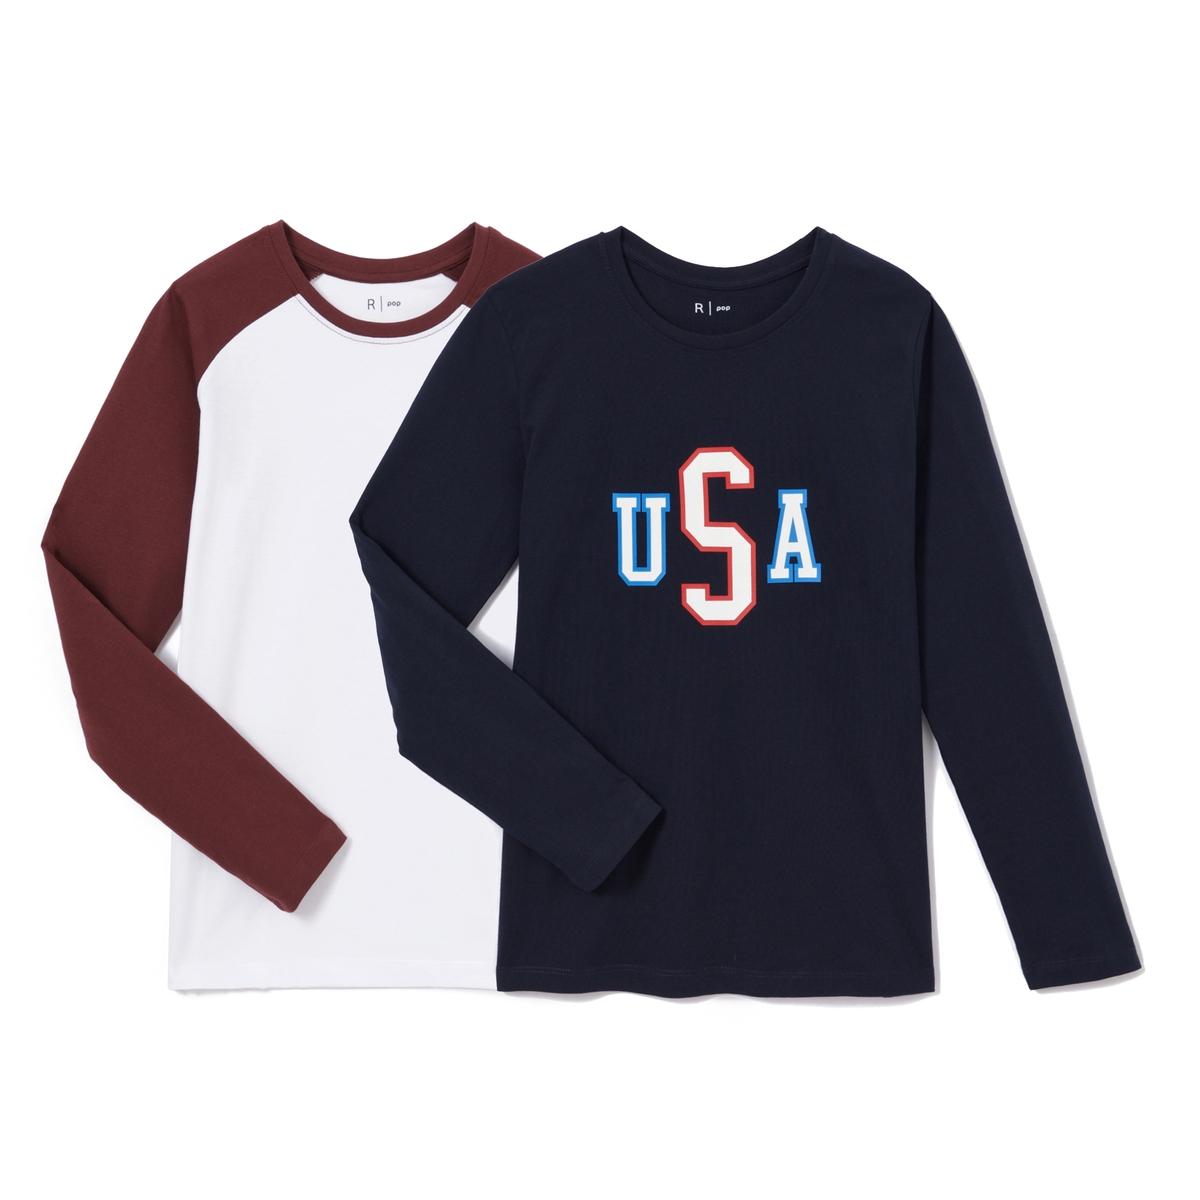 Комплект: футболки с рисунком 10-16 лет